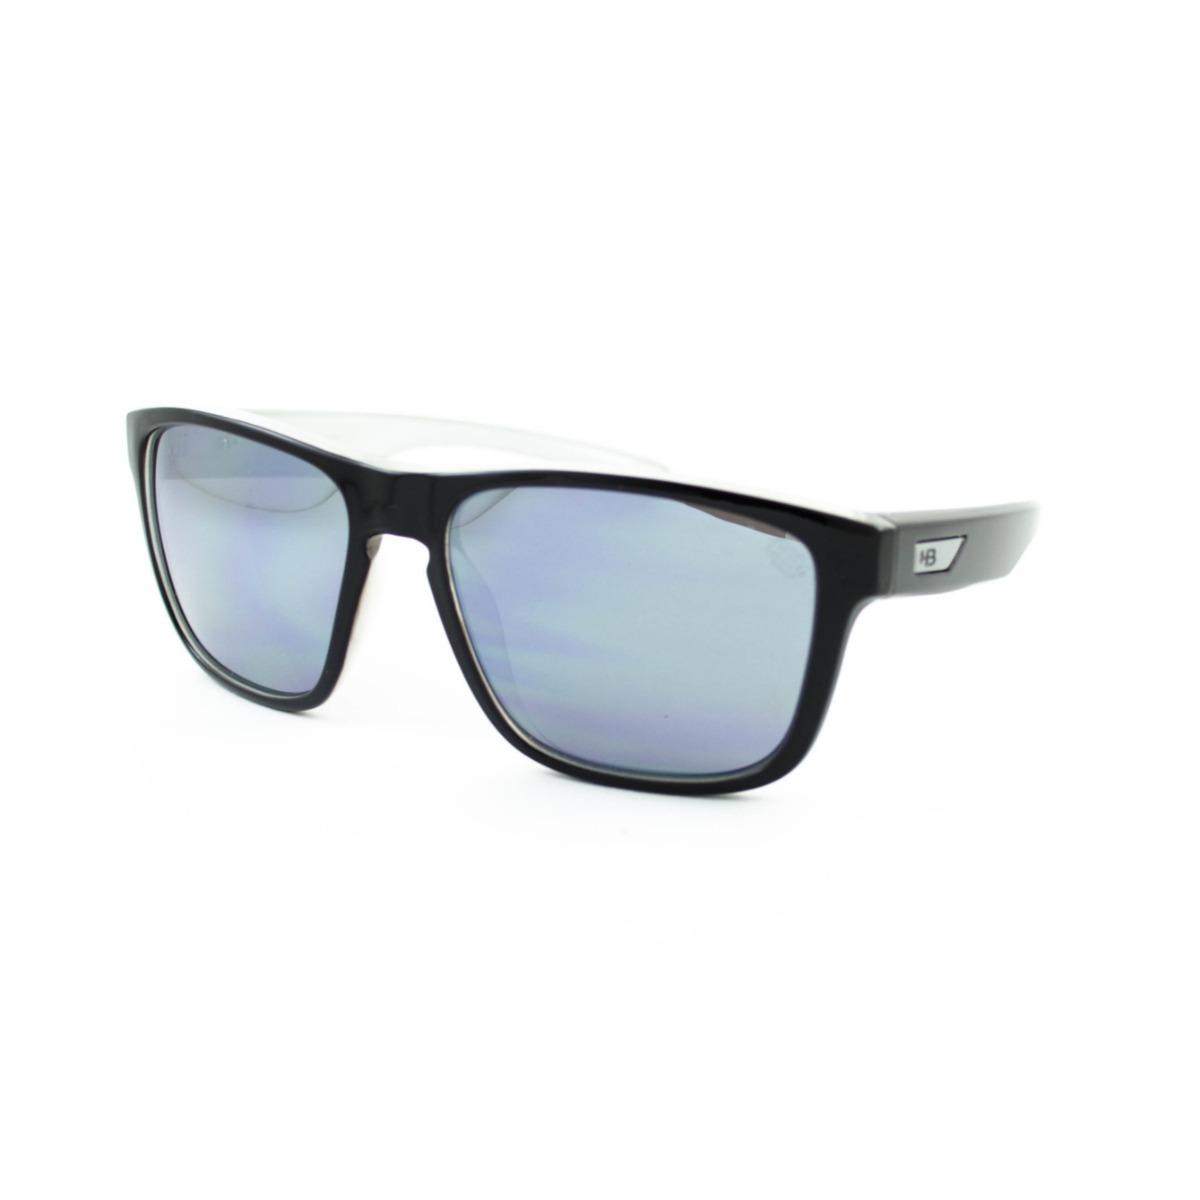 Óculos De Sol Hb - H-bomb 90112 760 - Preto - R  219,99 em Mercado Livre 0f0e6d05a8